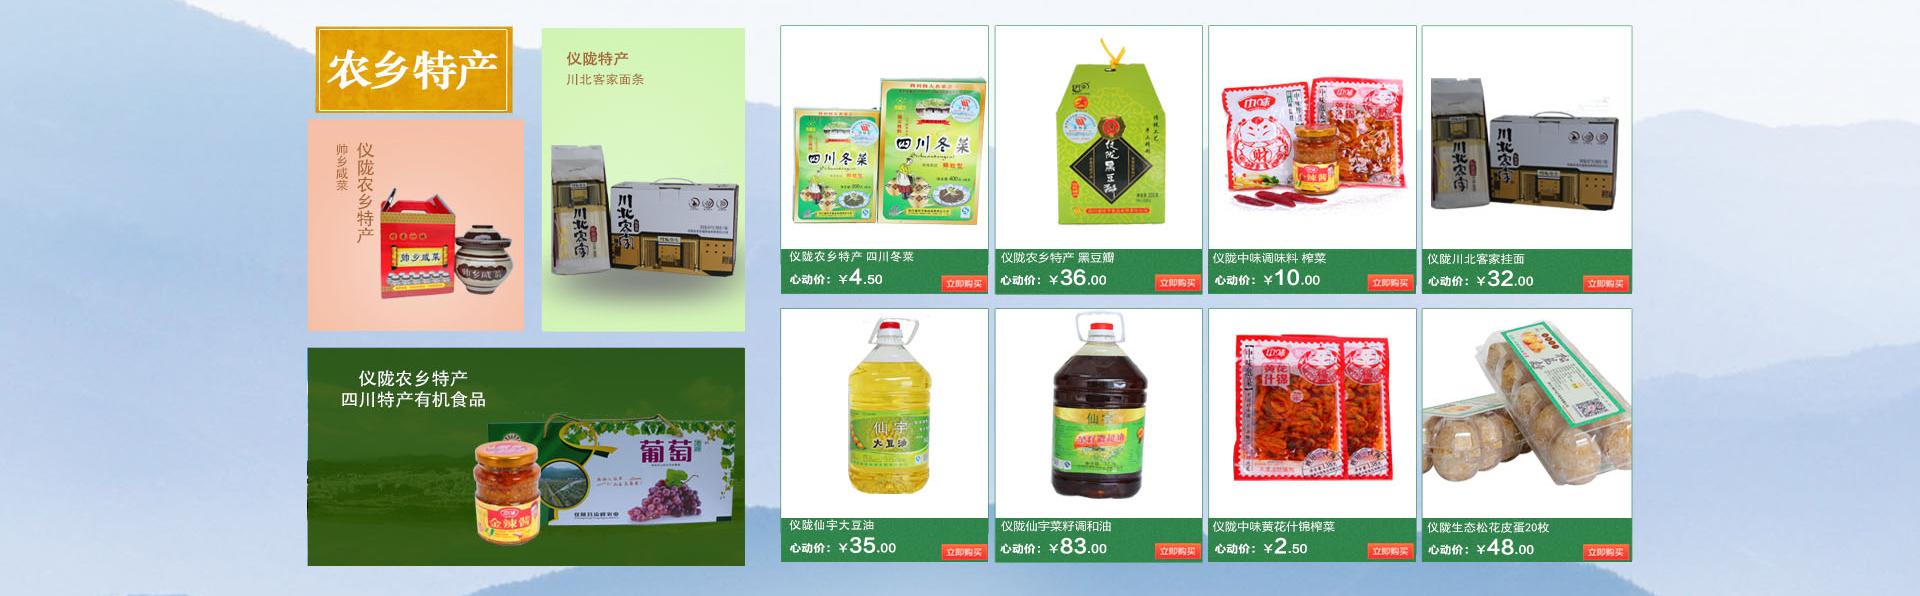 邮乐网德乡仪陇产品列表_10.jpg